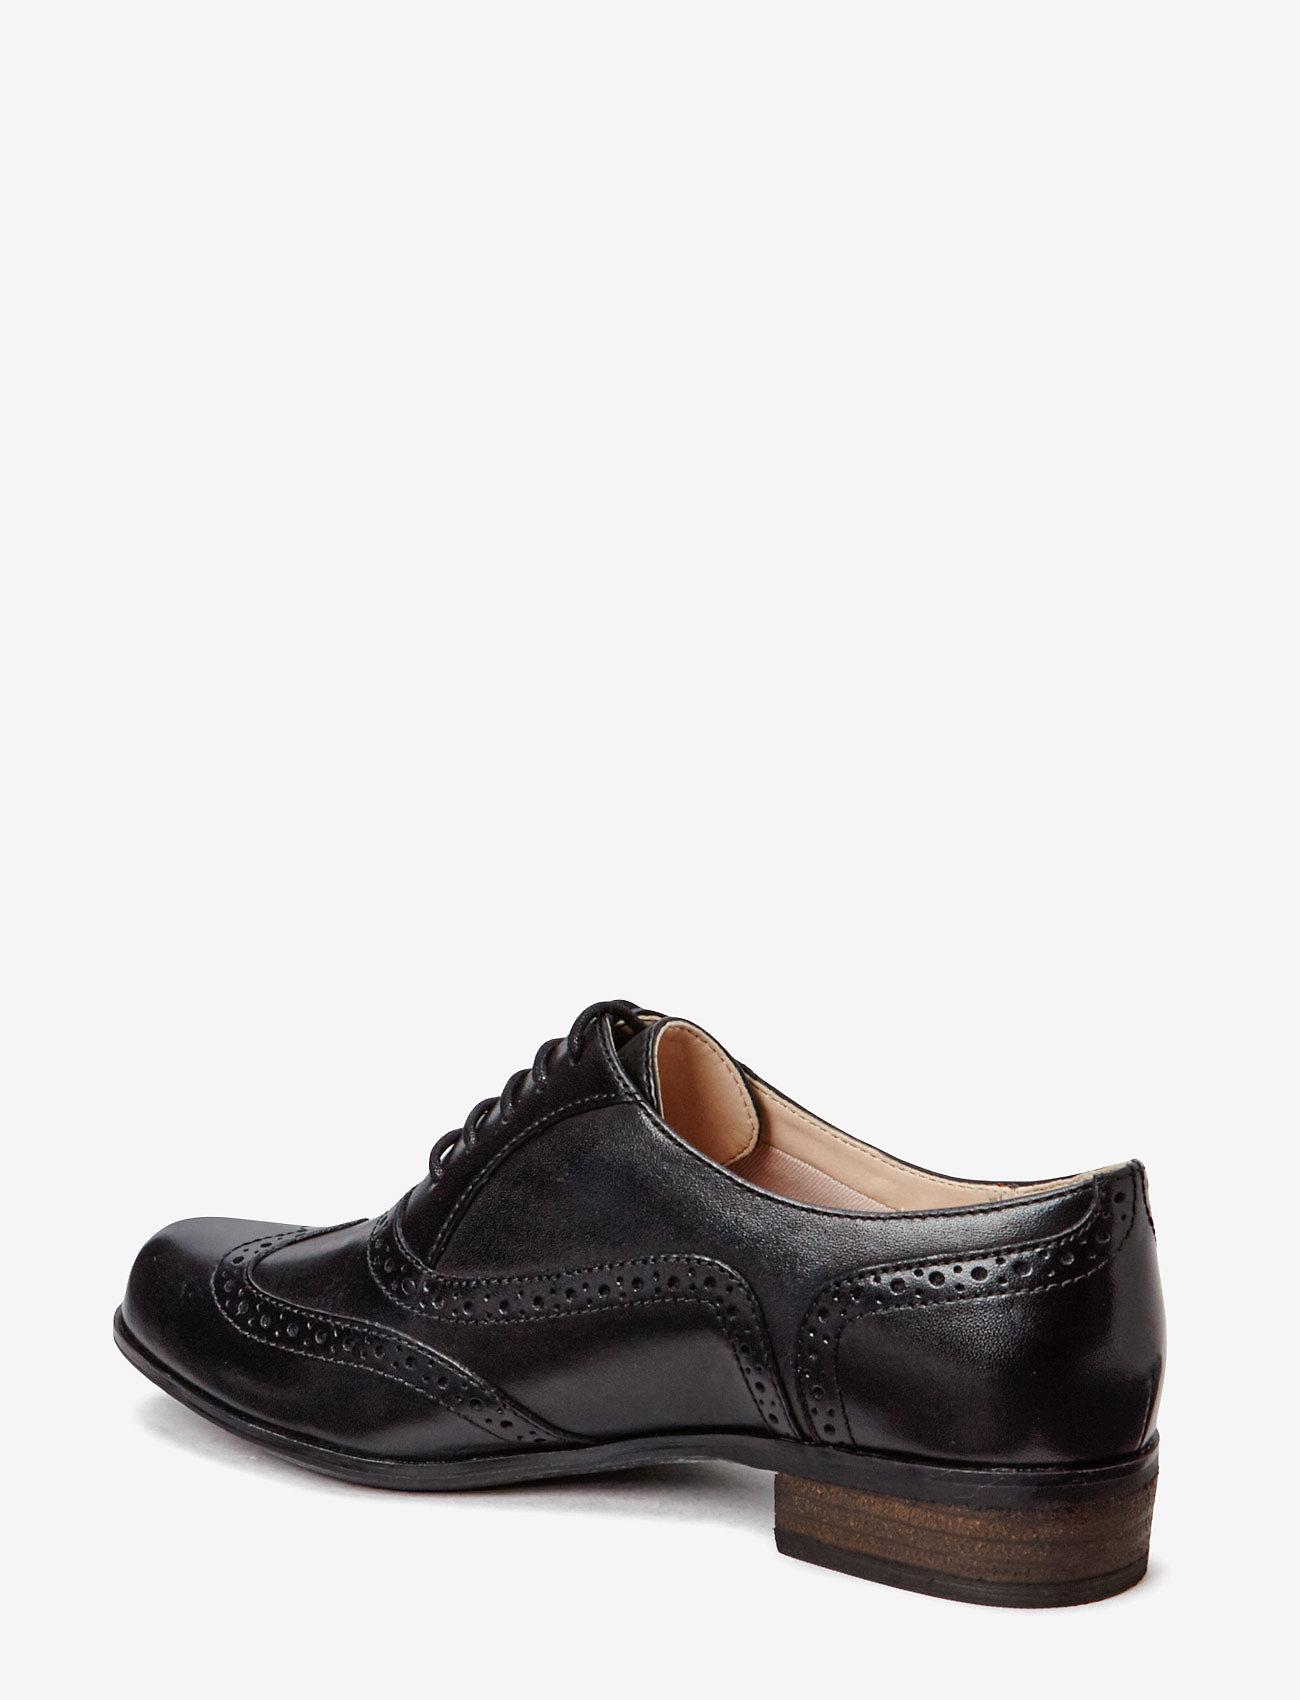 Clarks - Hamble Oak - chaussures à lacets - black leather - 1